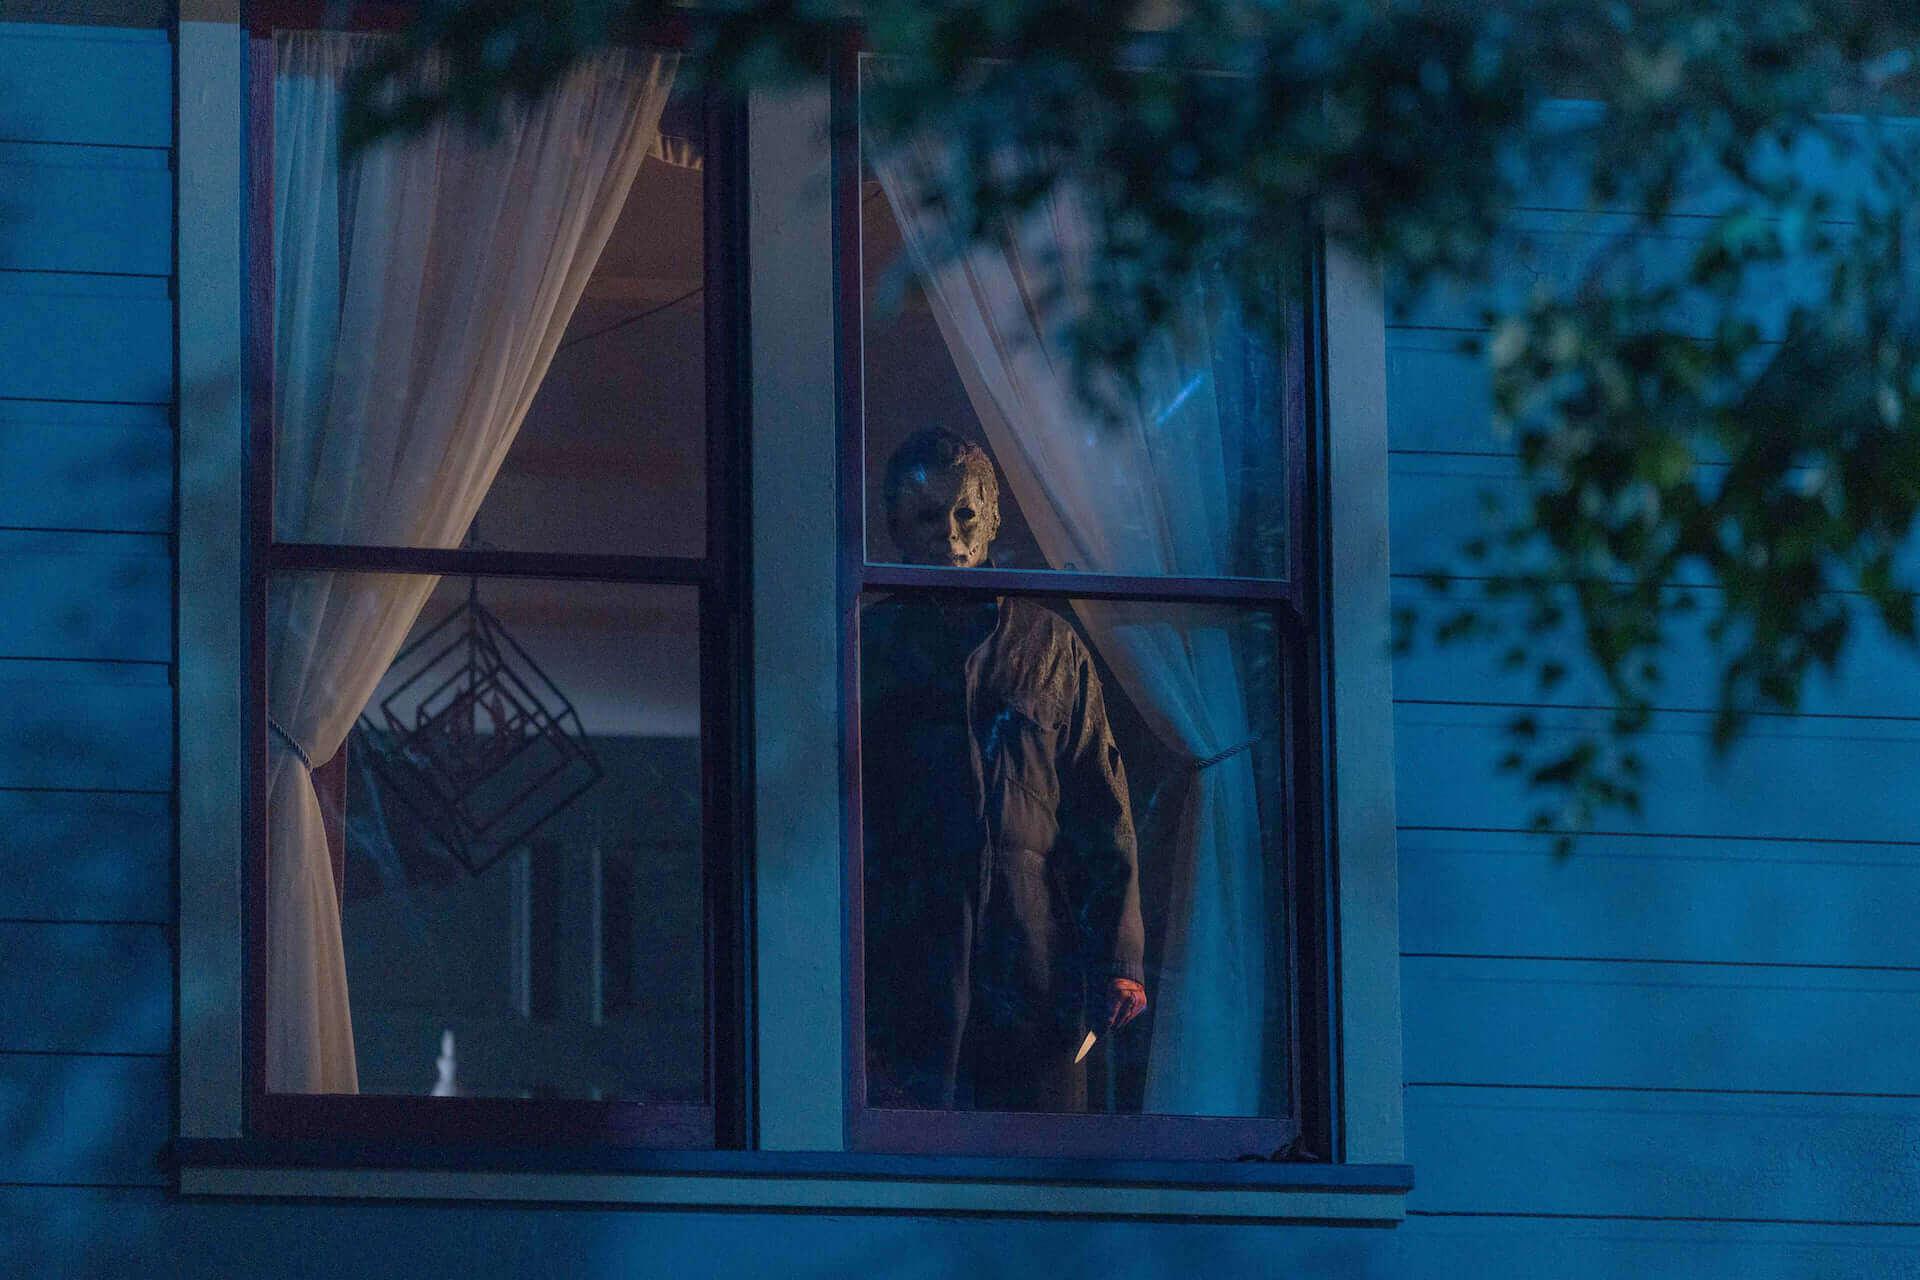 マイケル・マイヤーズのマスクがついに剥がされる!?『ハロウィン KILLS』最終予告が解禁 film210928_halloweenkills_1